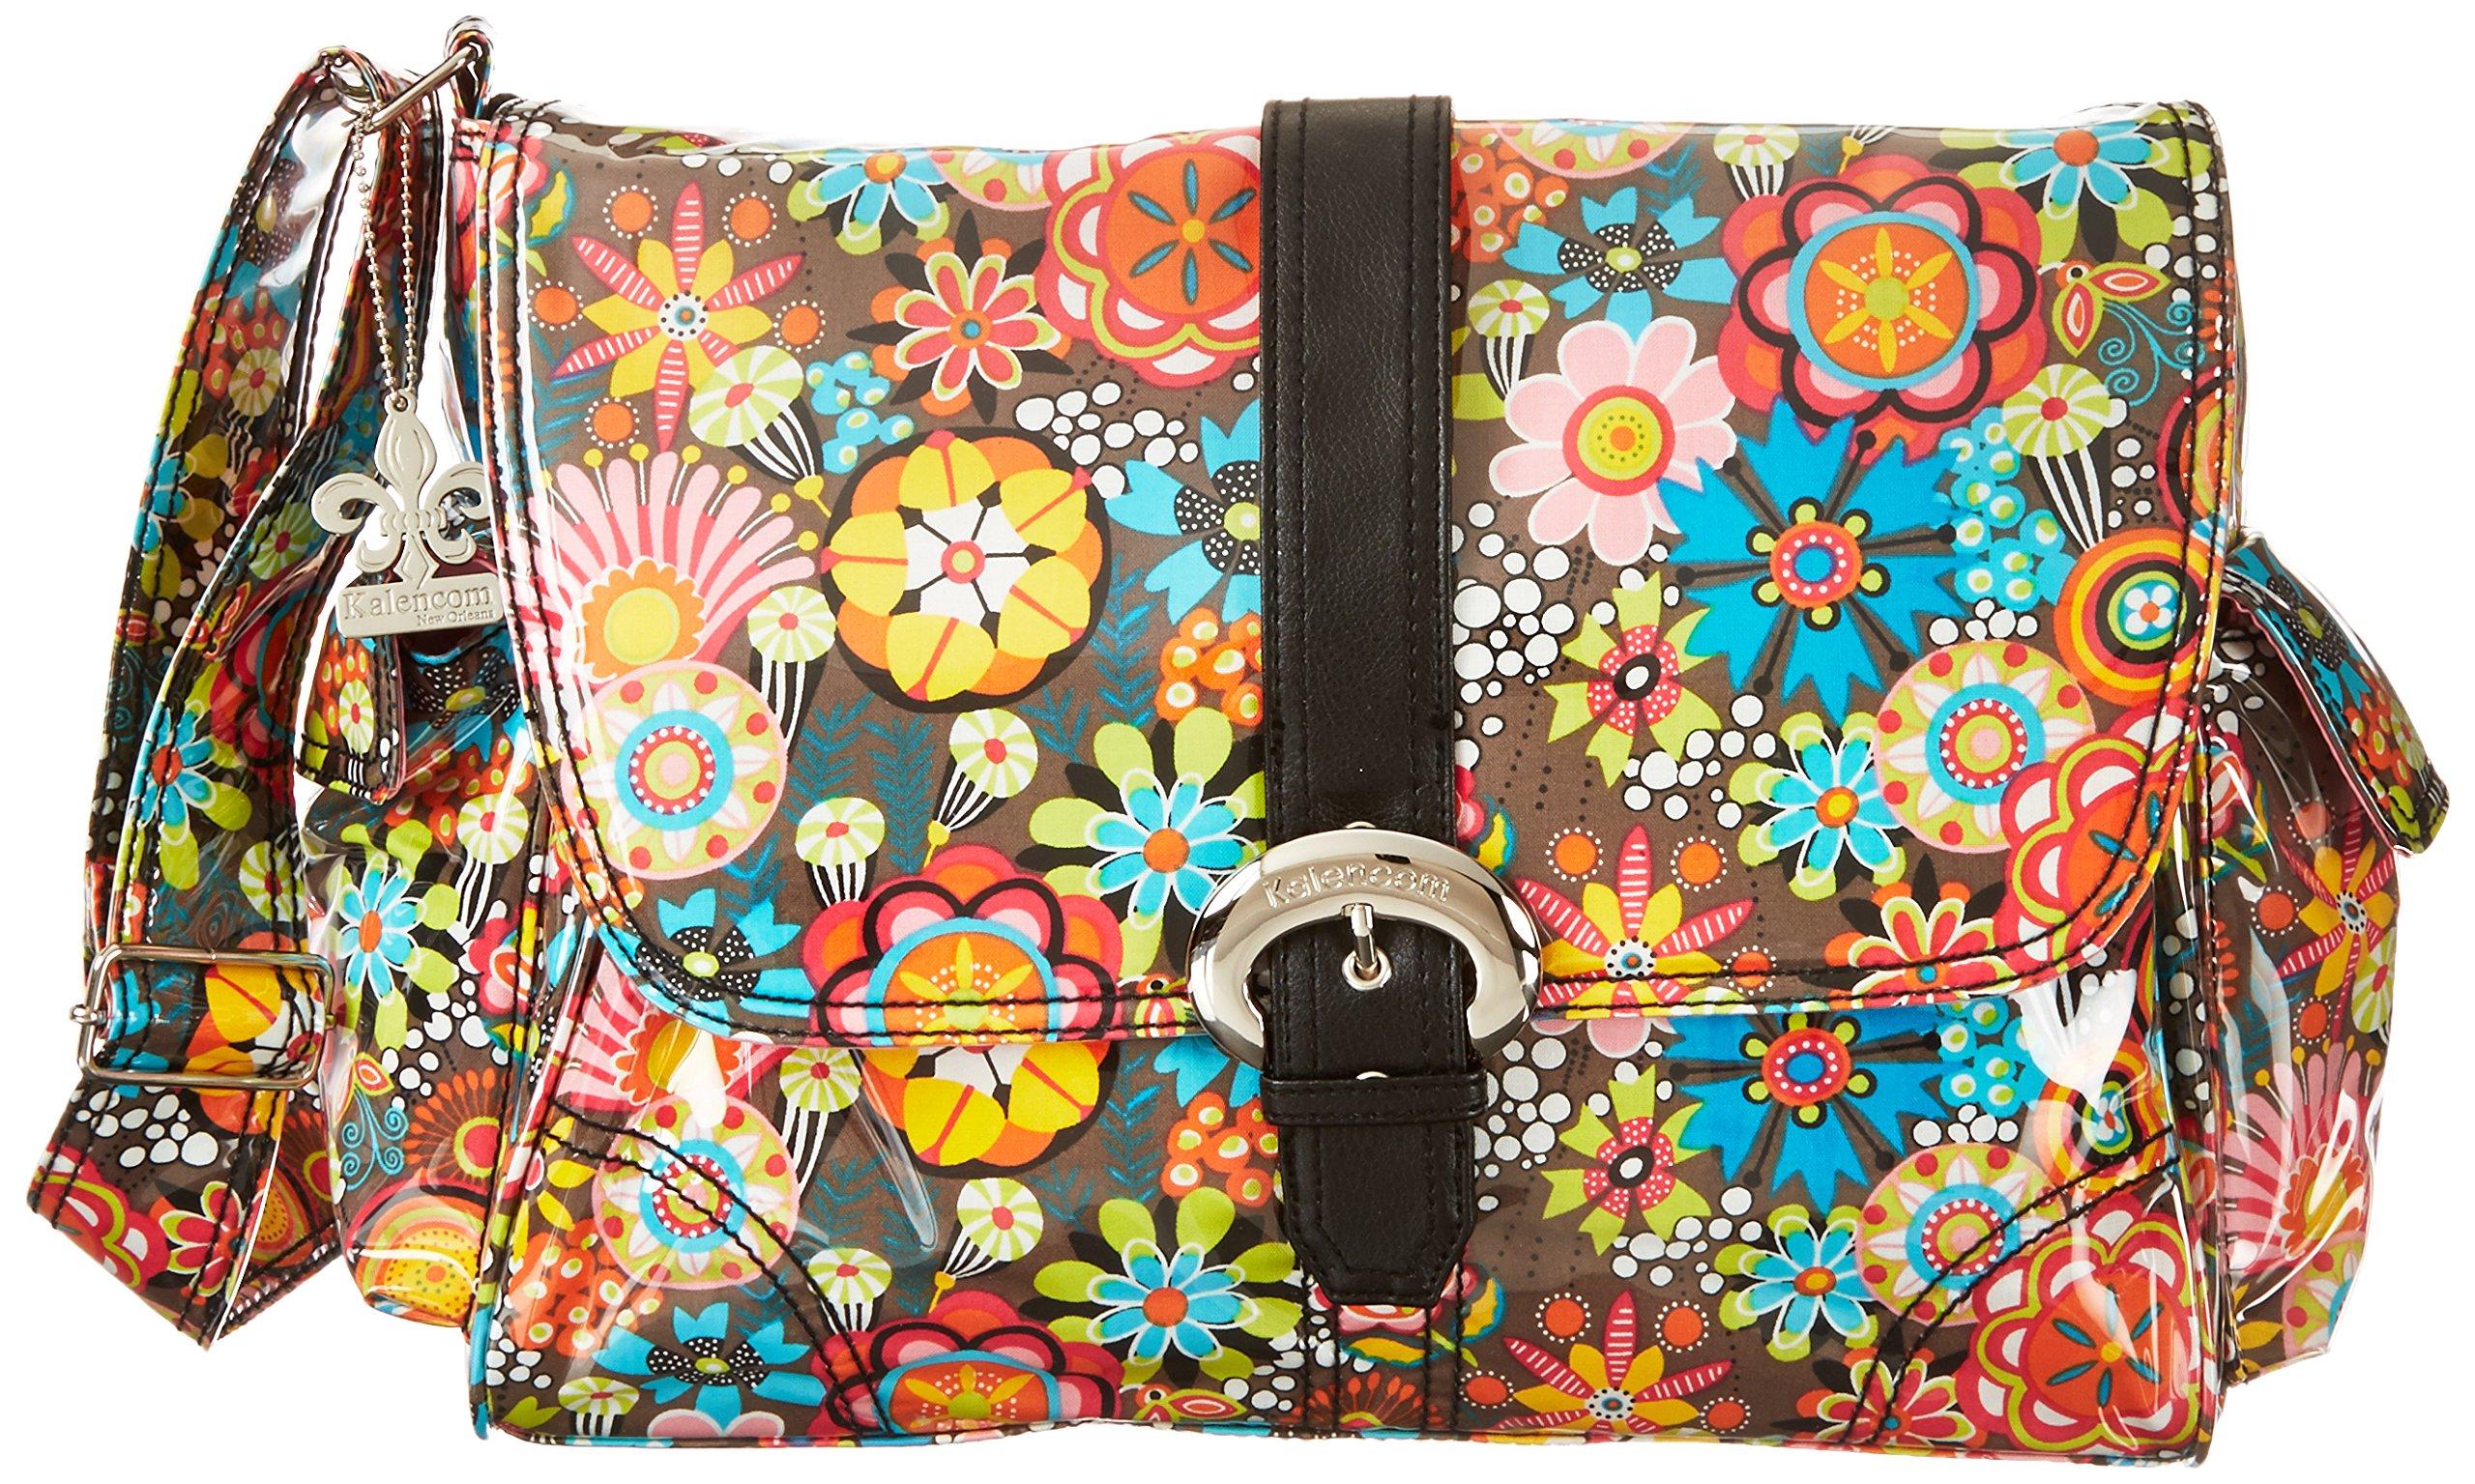 Kalencom Laminated Buckle Bag, Retro Floral